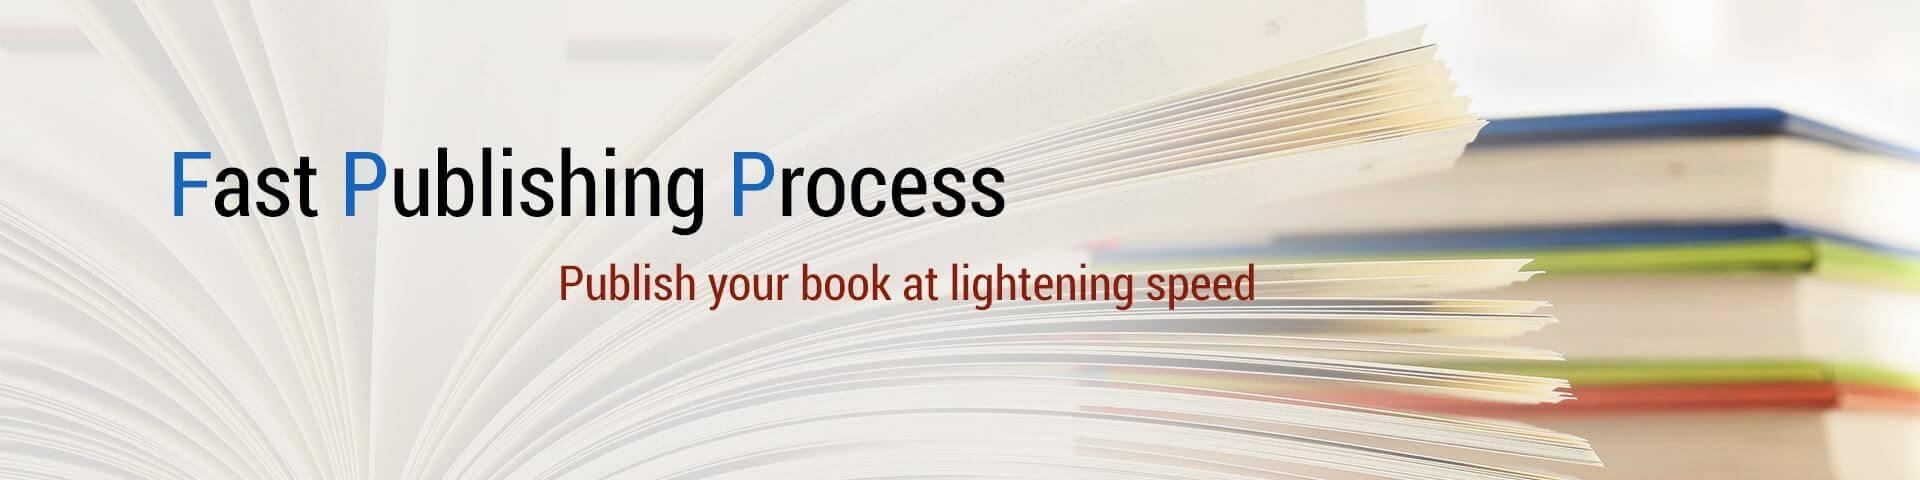 Fast Publishing Process